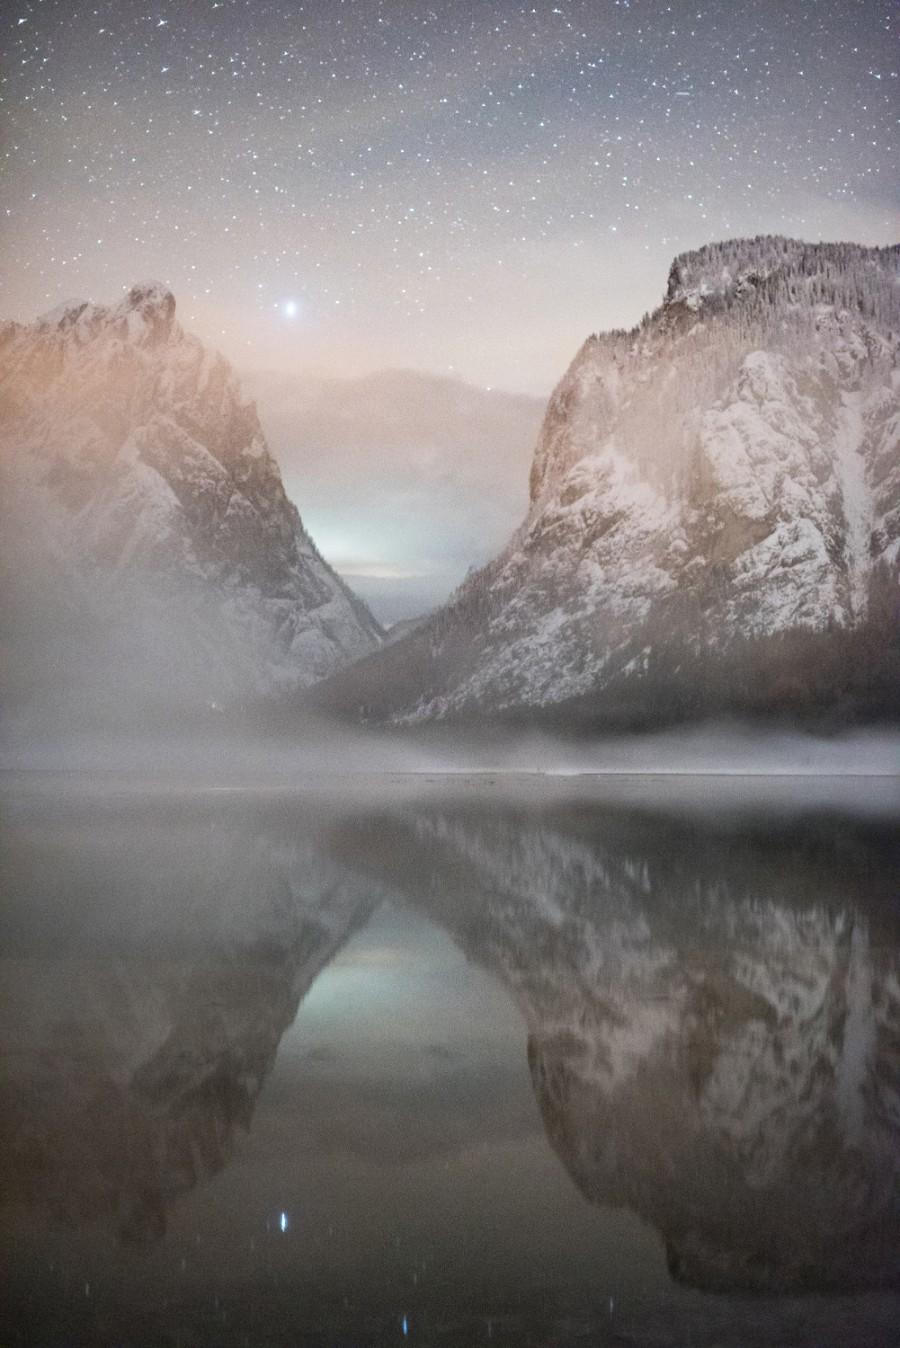 Лучшие астрономические фото года Лучшие астрономические фото года S28868 Fomalhaut 20 20 C2 A9 20Ollie 20Taylor